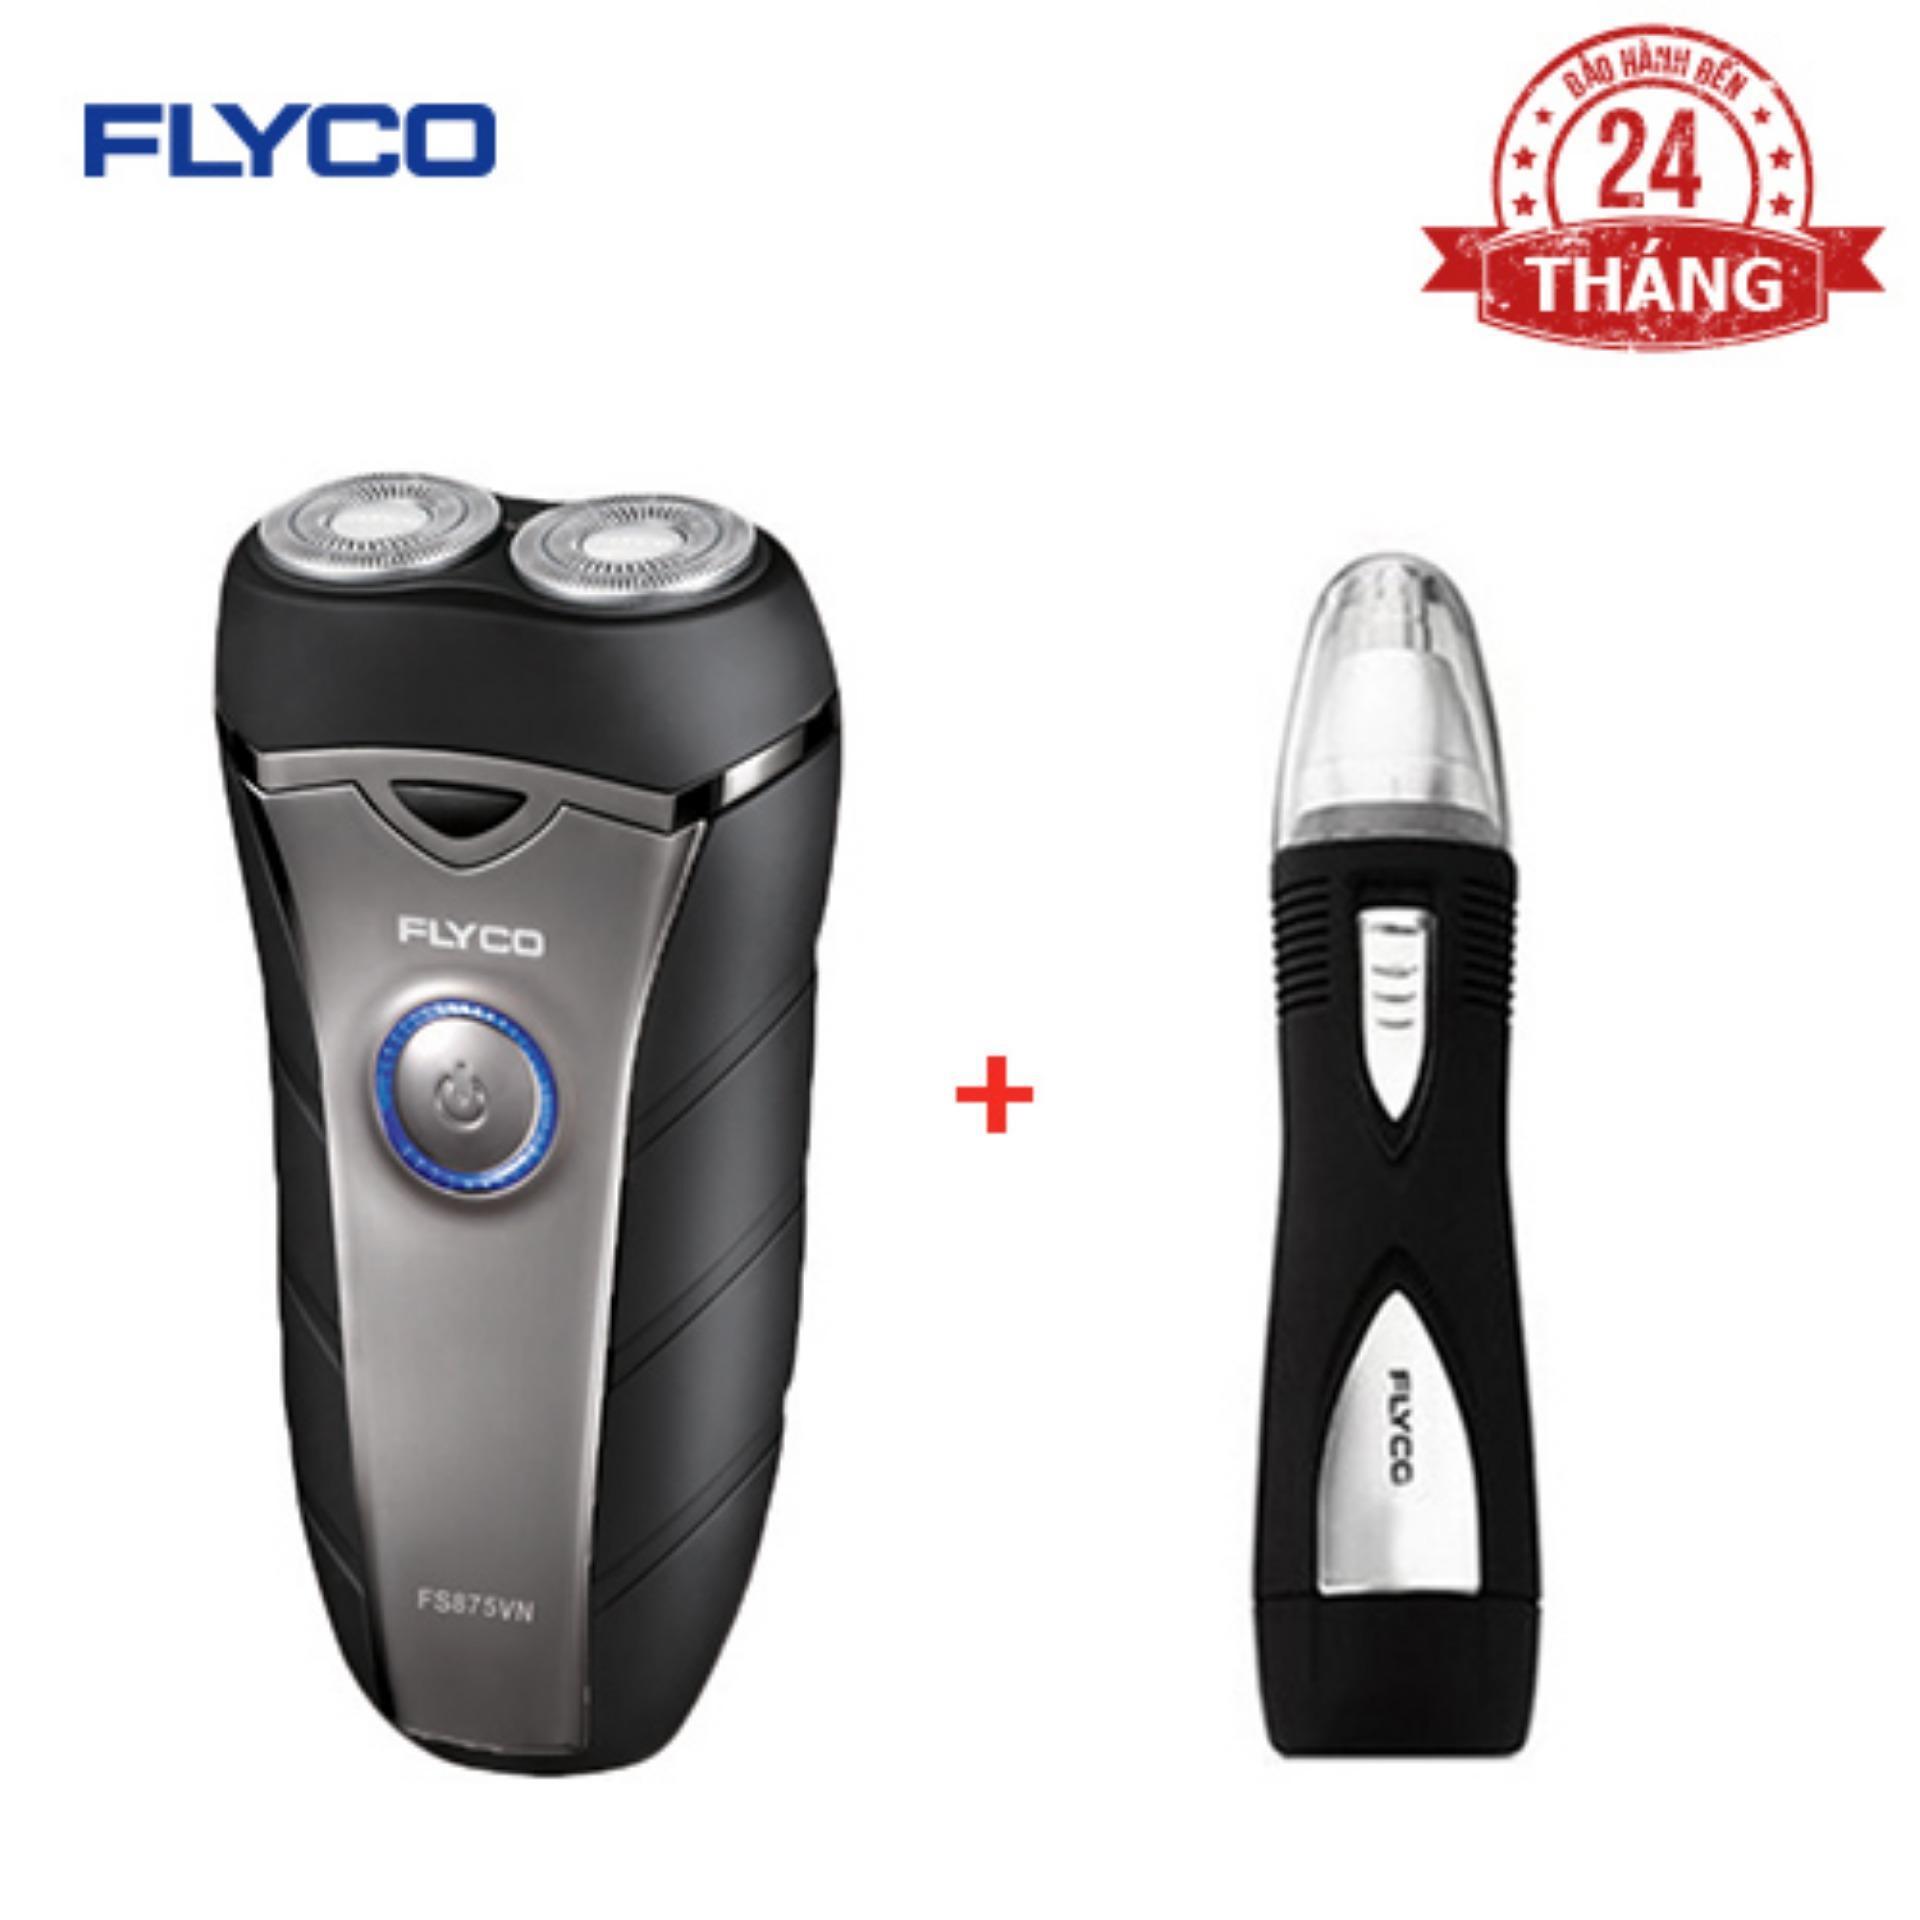 Giá Bộ 1 máy cạo râu Flyco FS 875VN và 1 máy tỉa lông mũi FS7805VN